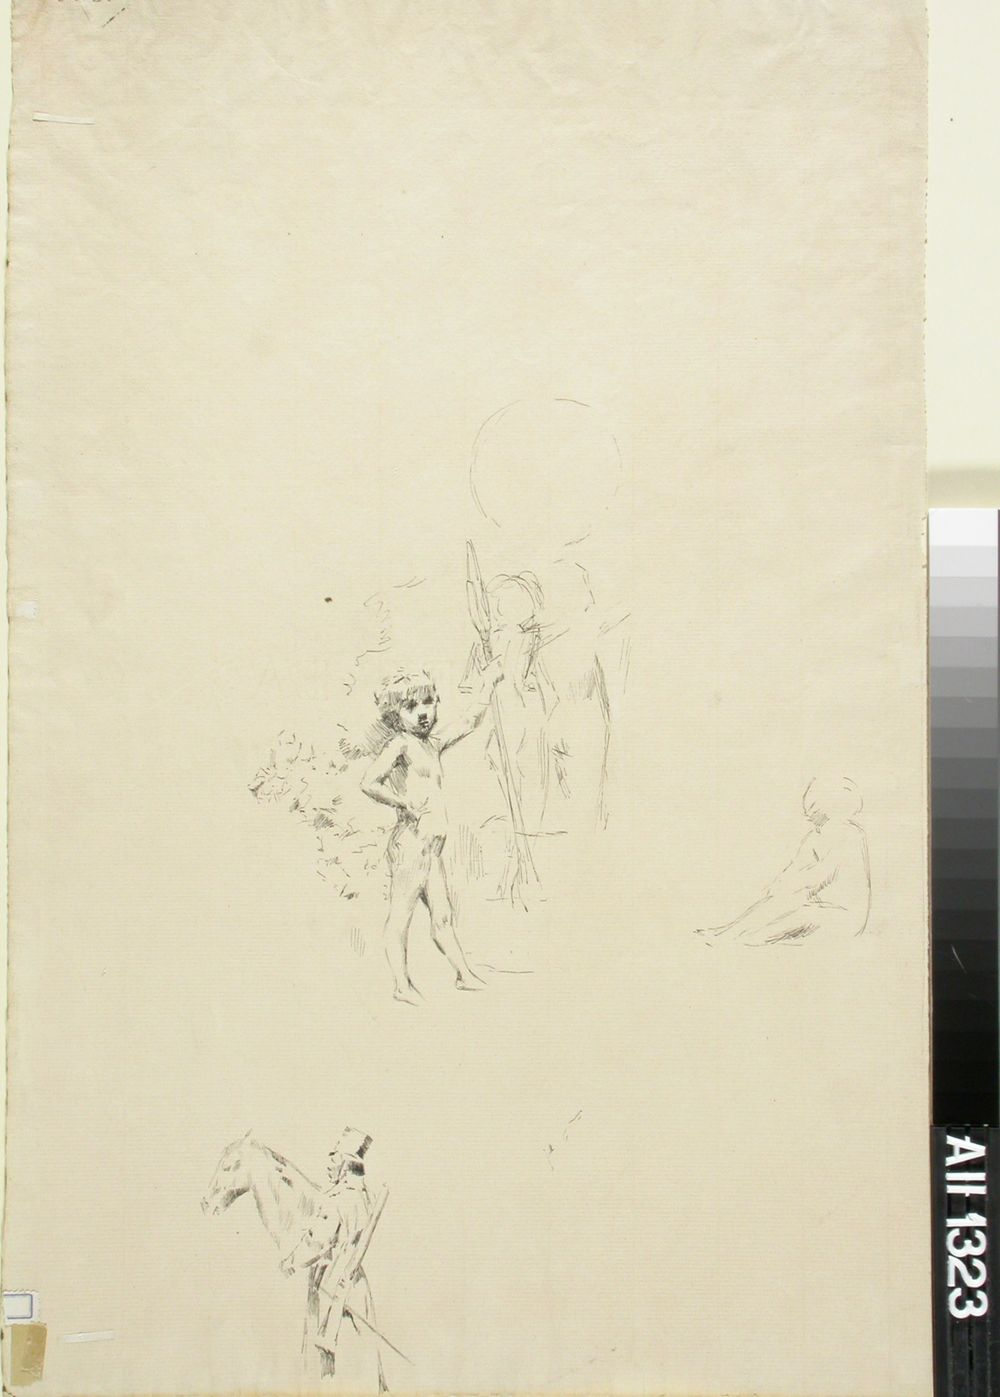 Luonnoksia: Ratsusotilas ja hevosen pää ; Allegorinen alaston pikkupoika ja kaksi ihmisfiguuria ; Istuva figuuri